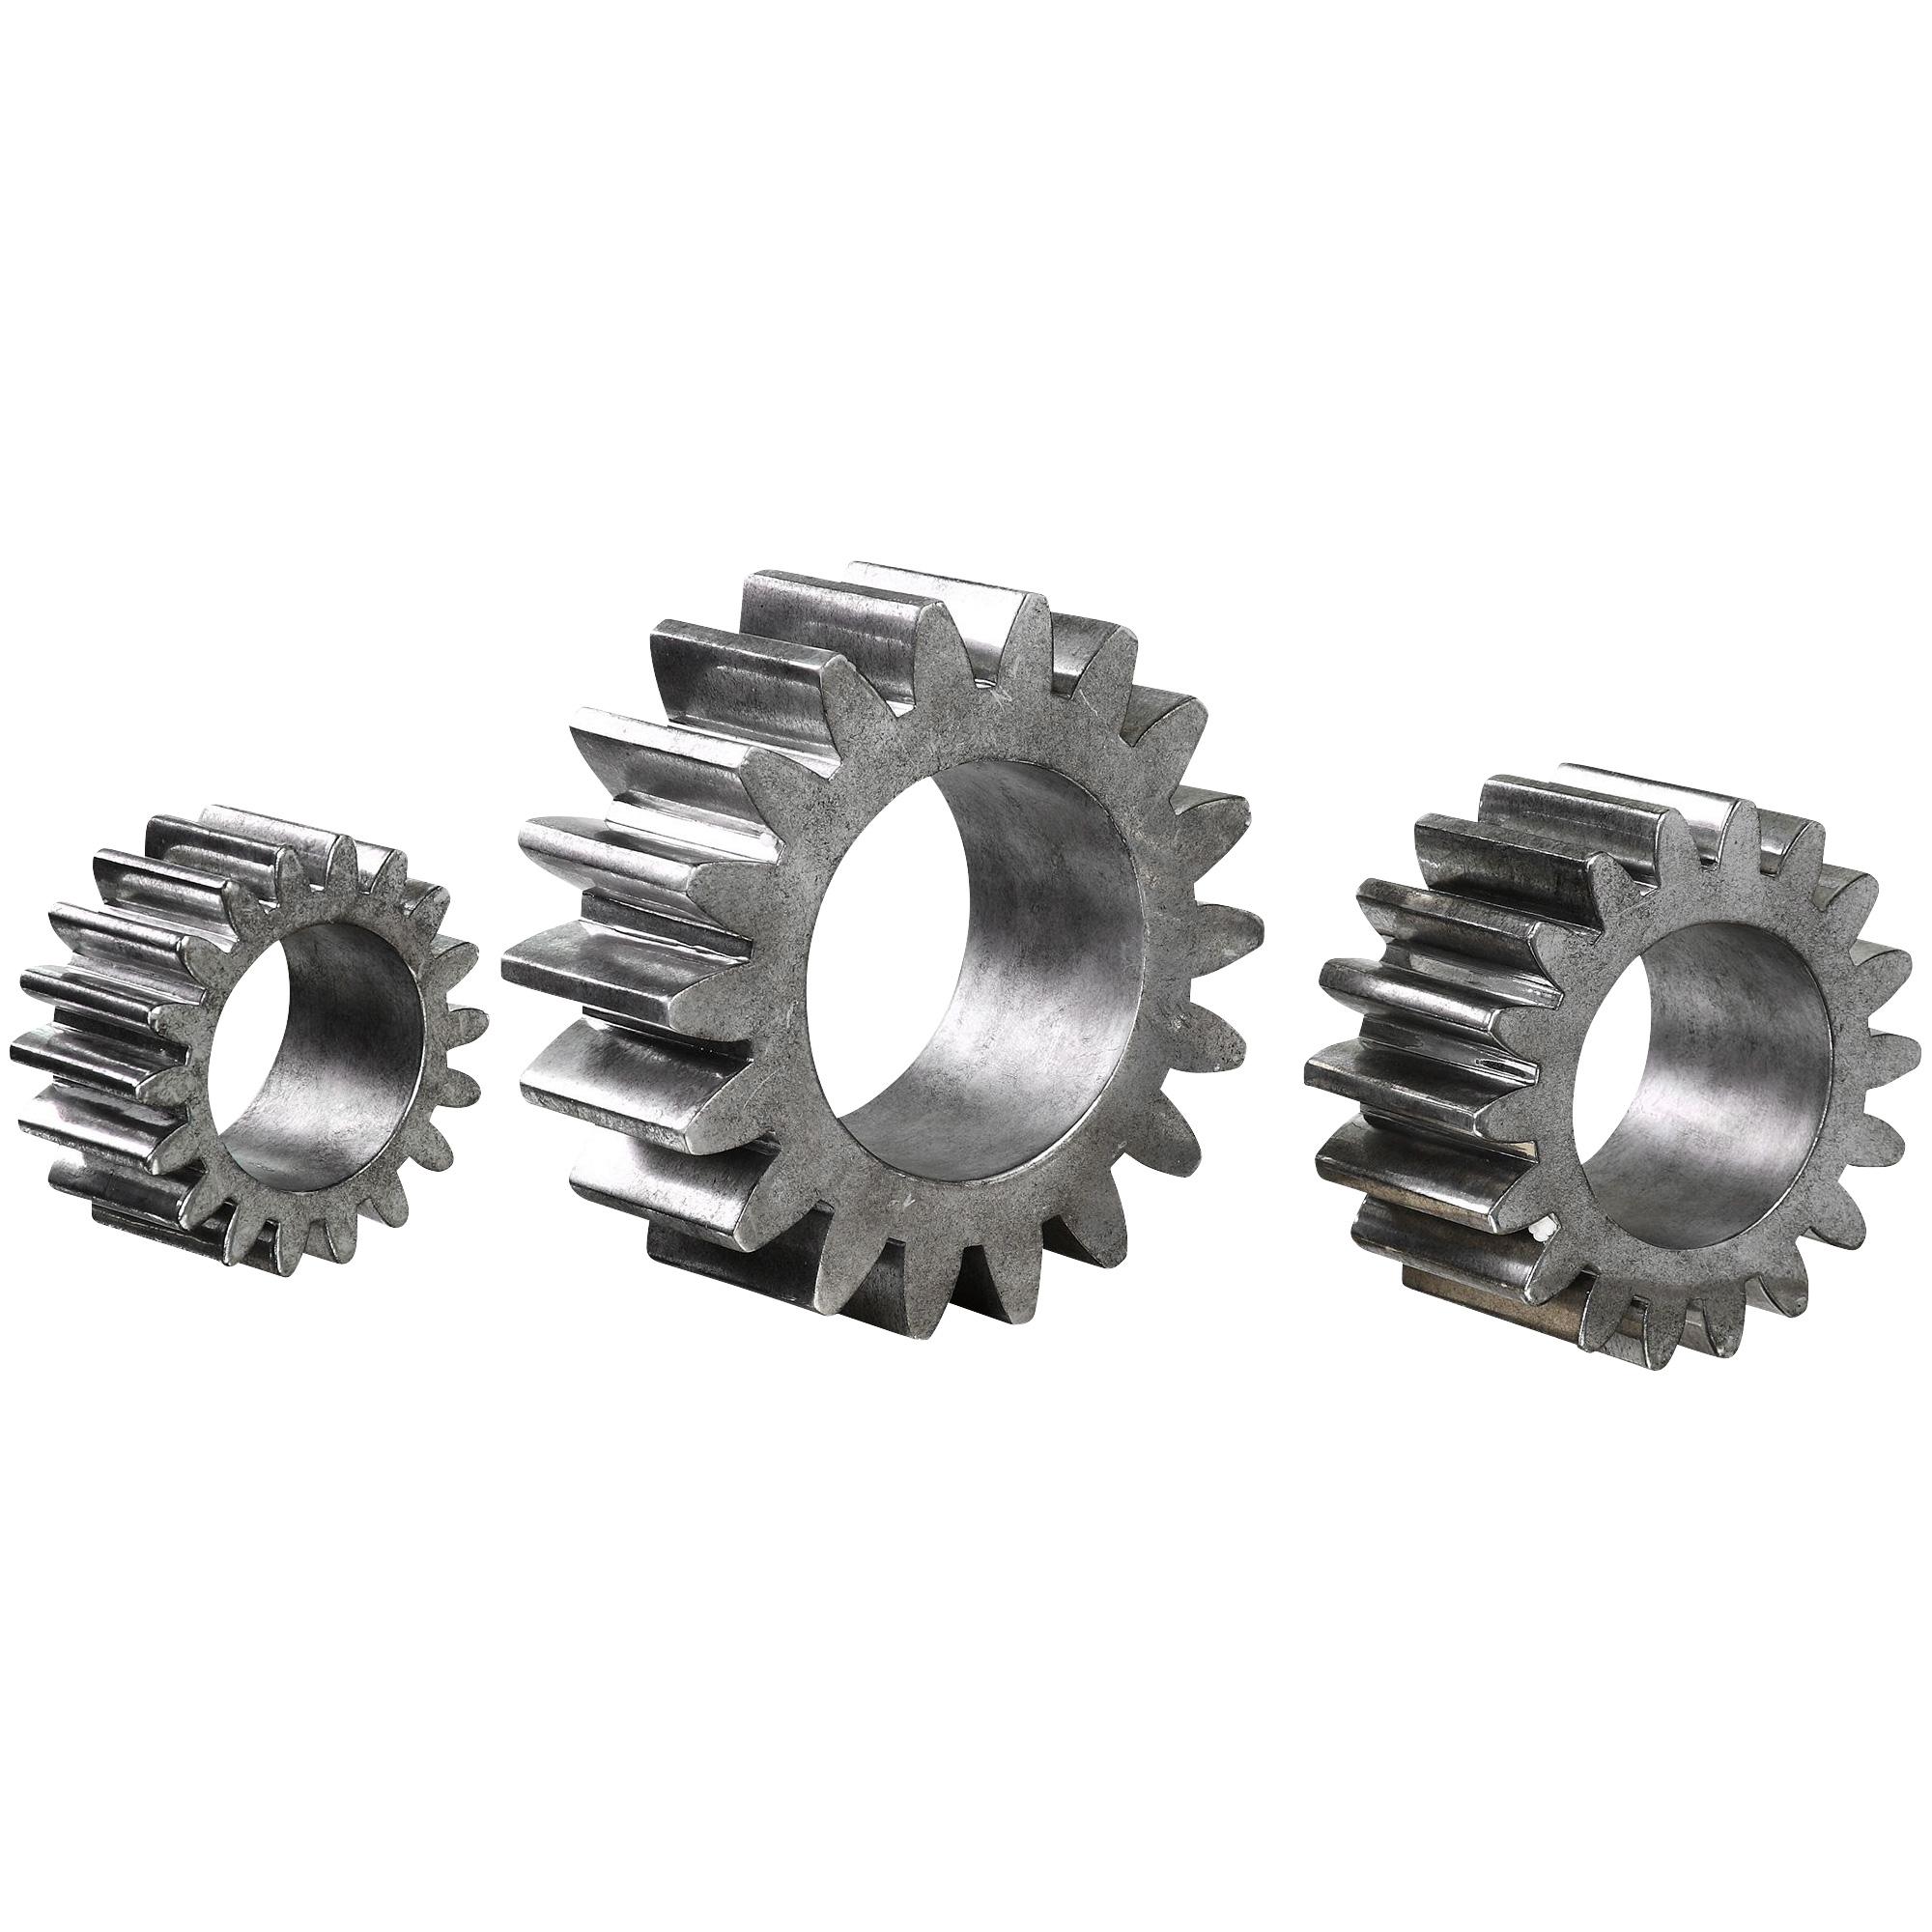 Uttermost | Gears Silver Sculpture